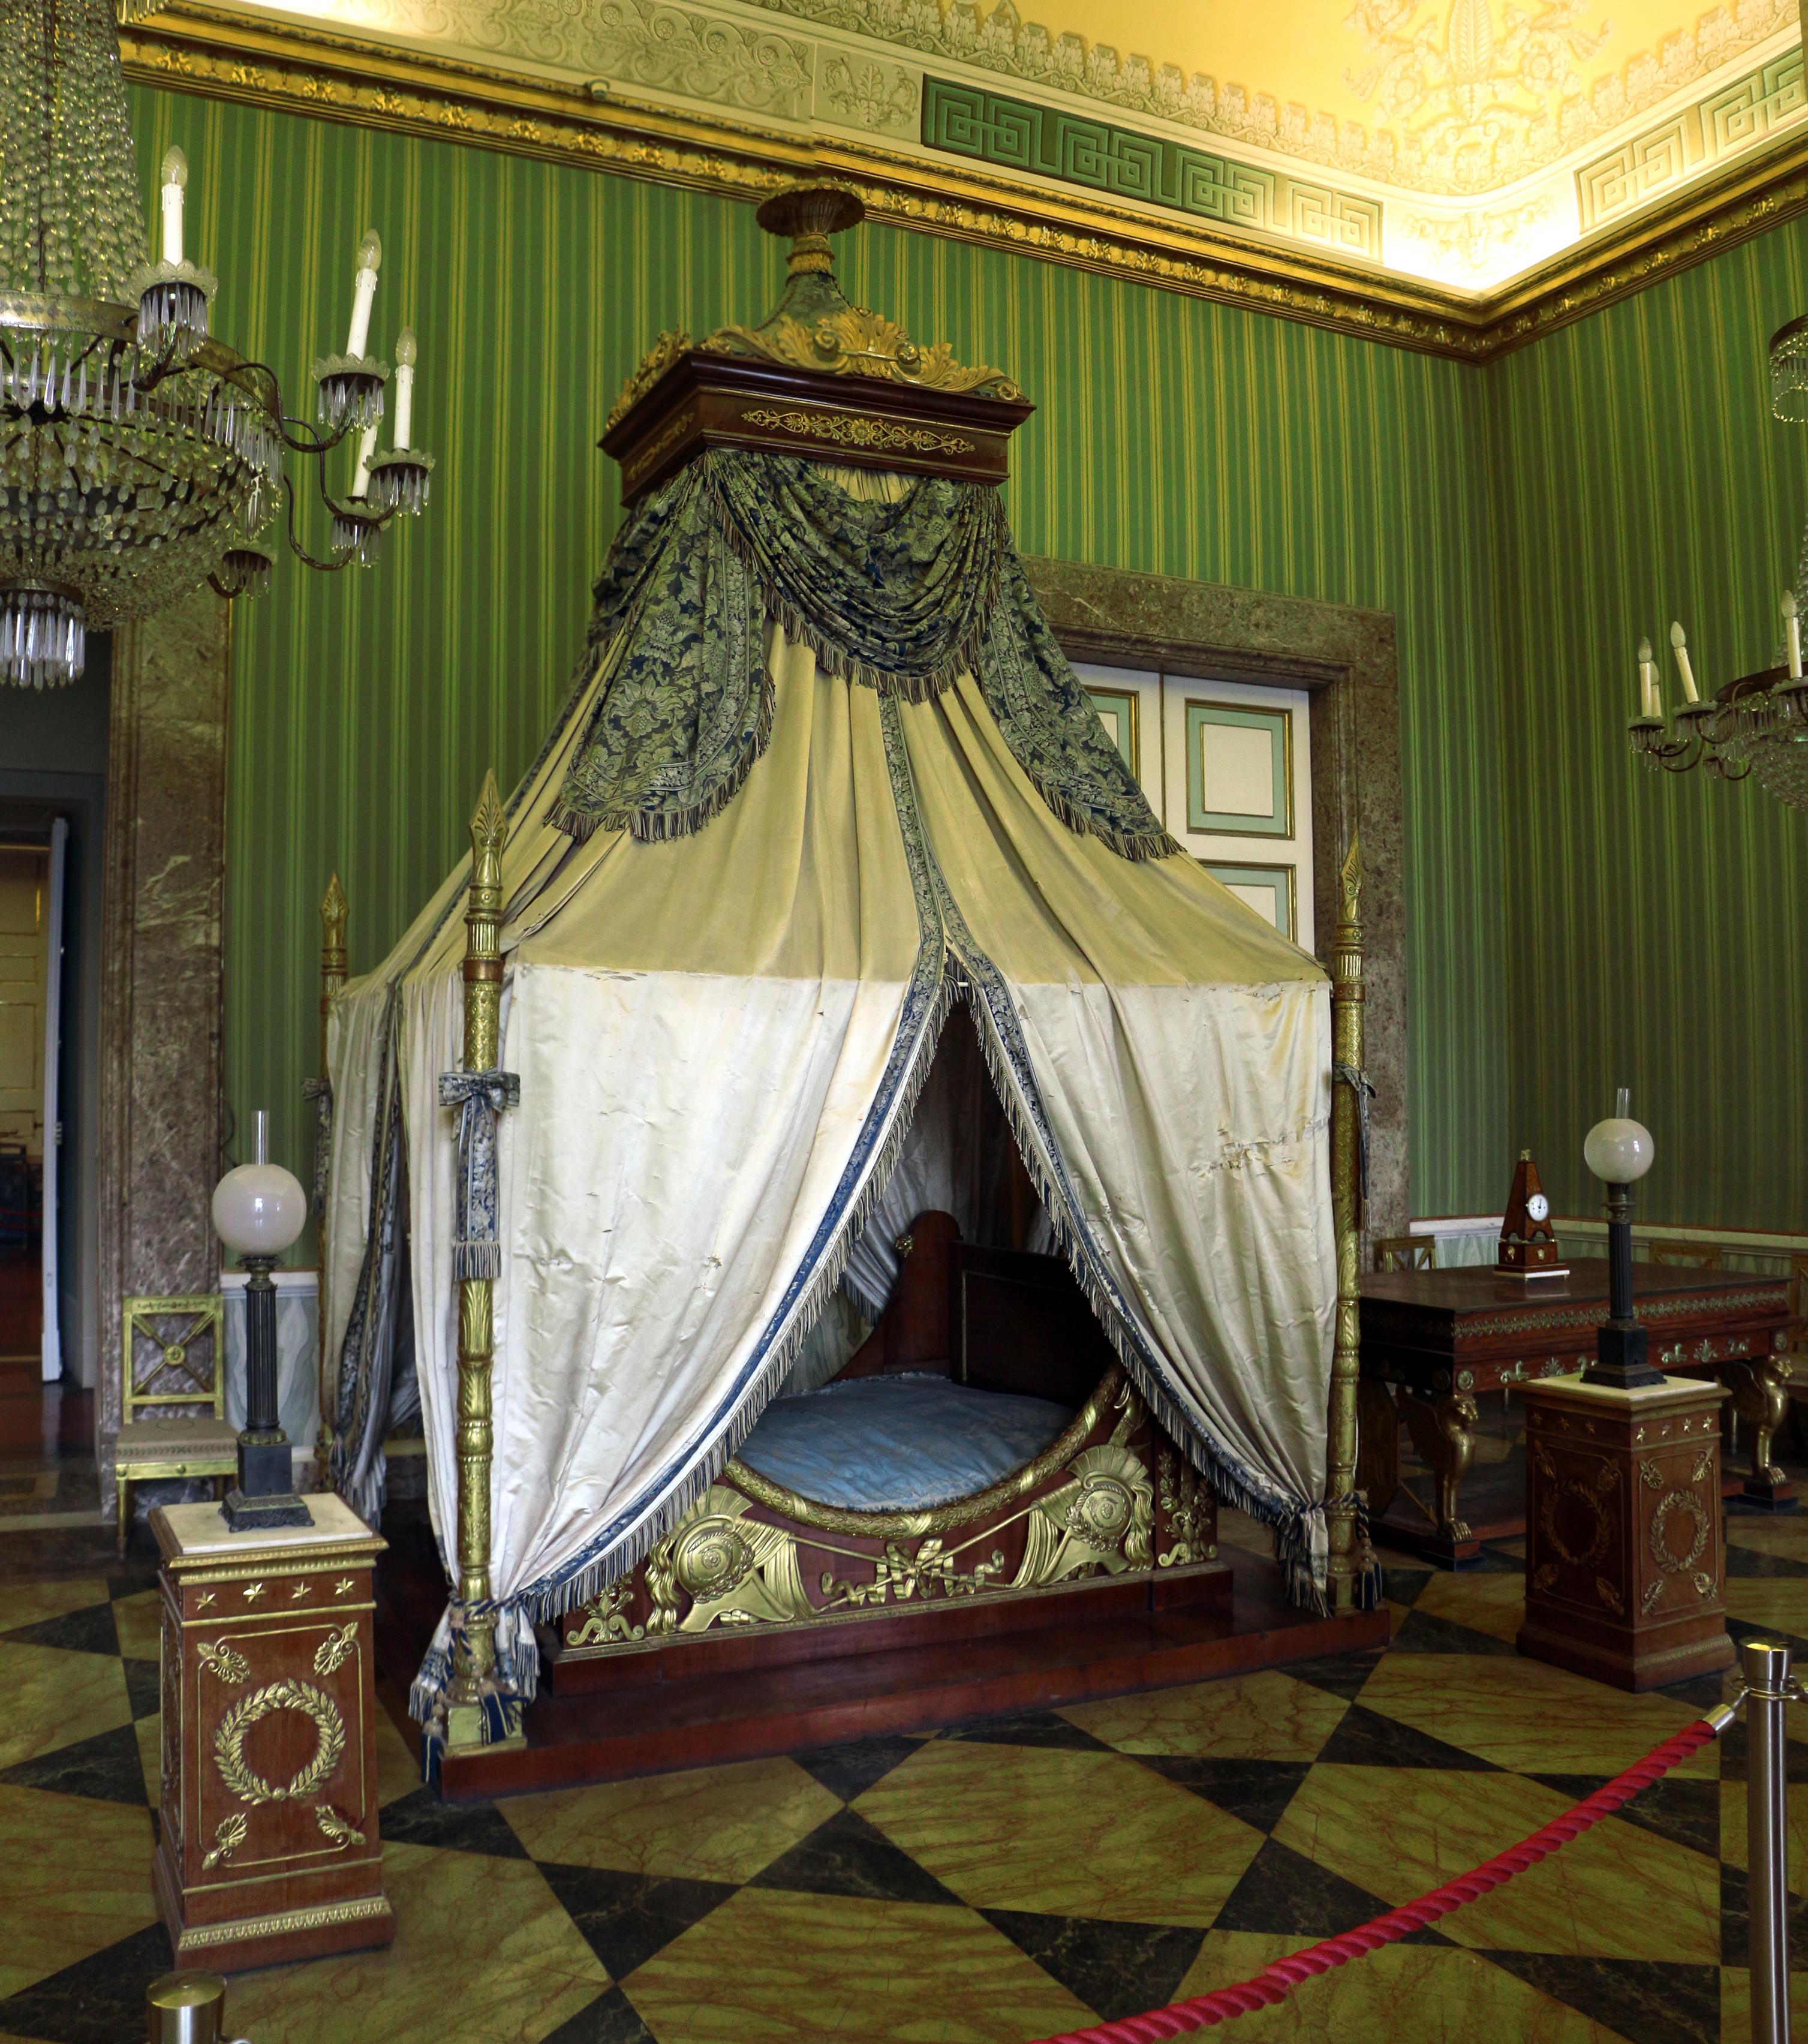 Camere Da Letto Piu Belle Del Mondo stile impero (arredamento) - wikipedia